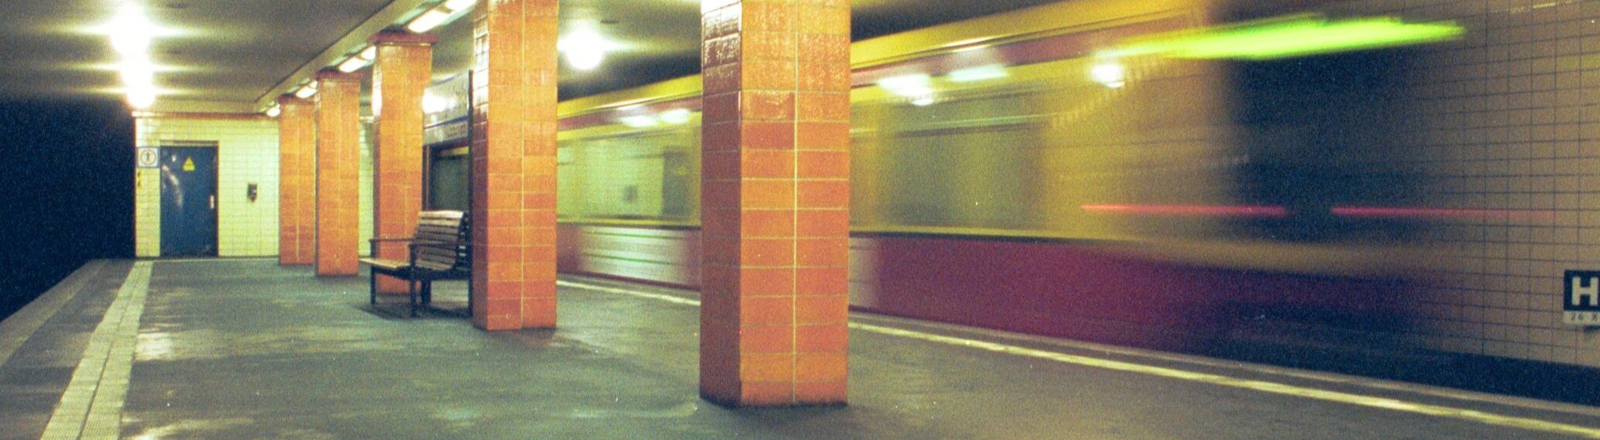 Einsame U-Bahn-Station in Berlin